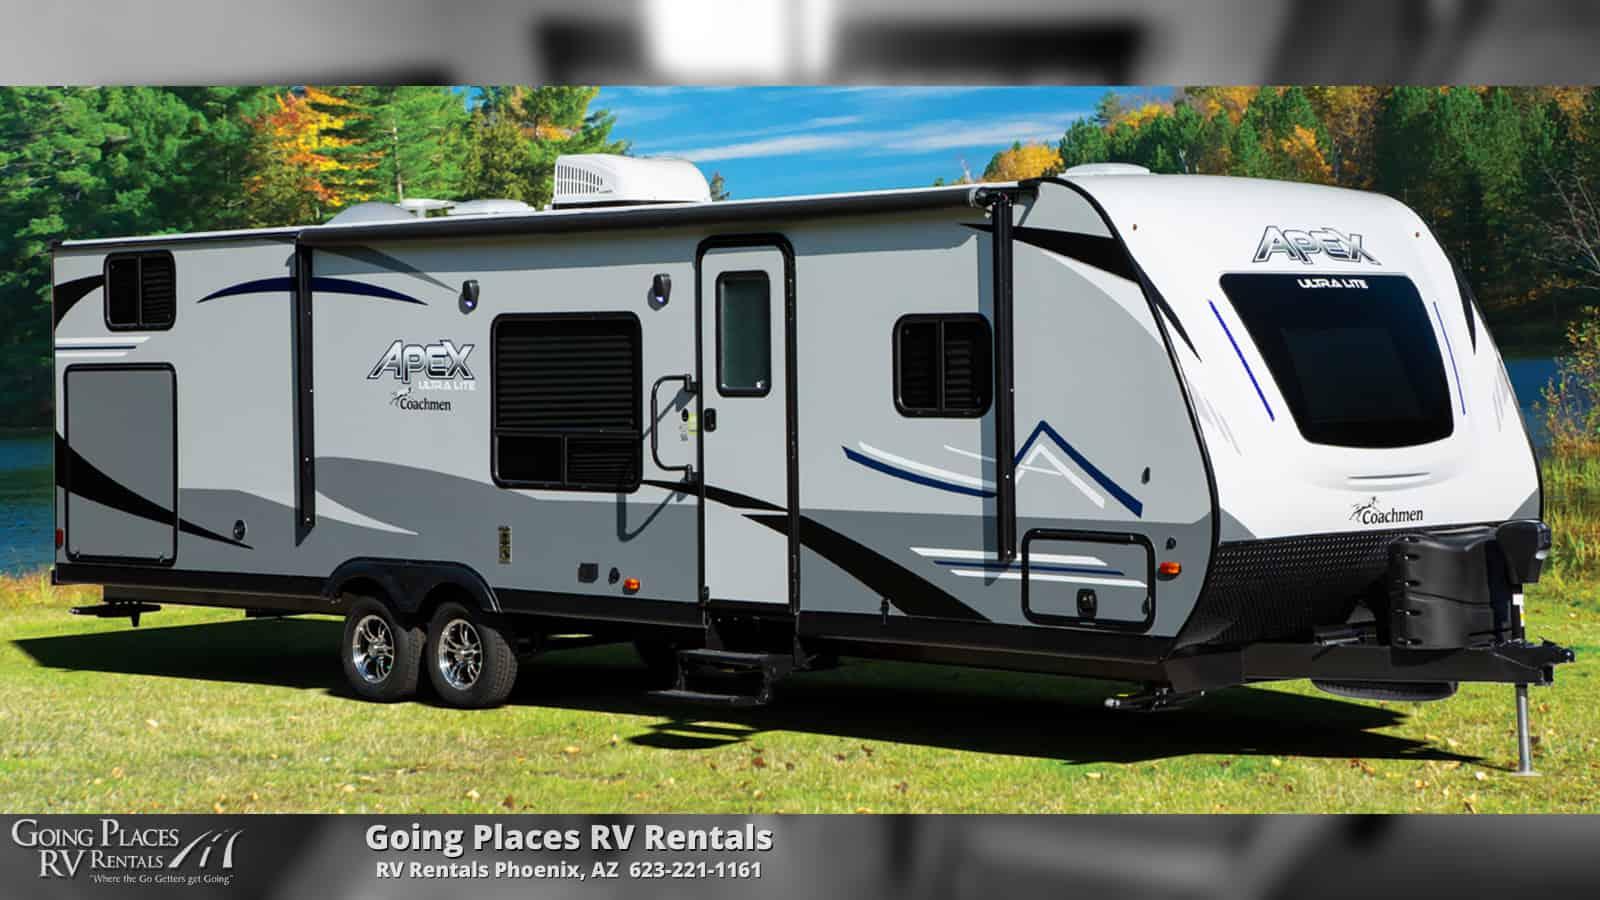 2019 Coachmen Apex 32' Travel Trailer for rent Phoenix - Going Places RV Rentals Phoenix